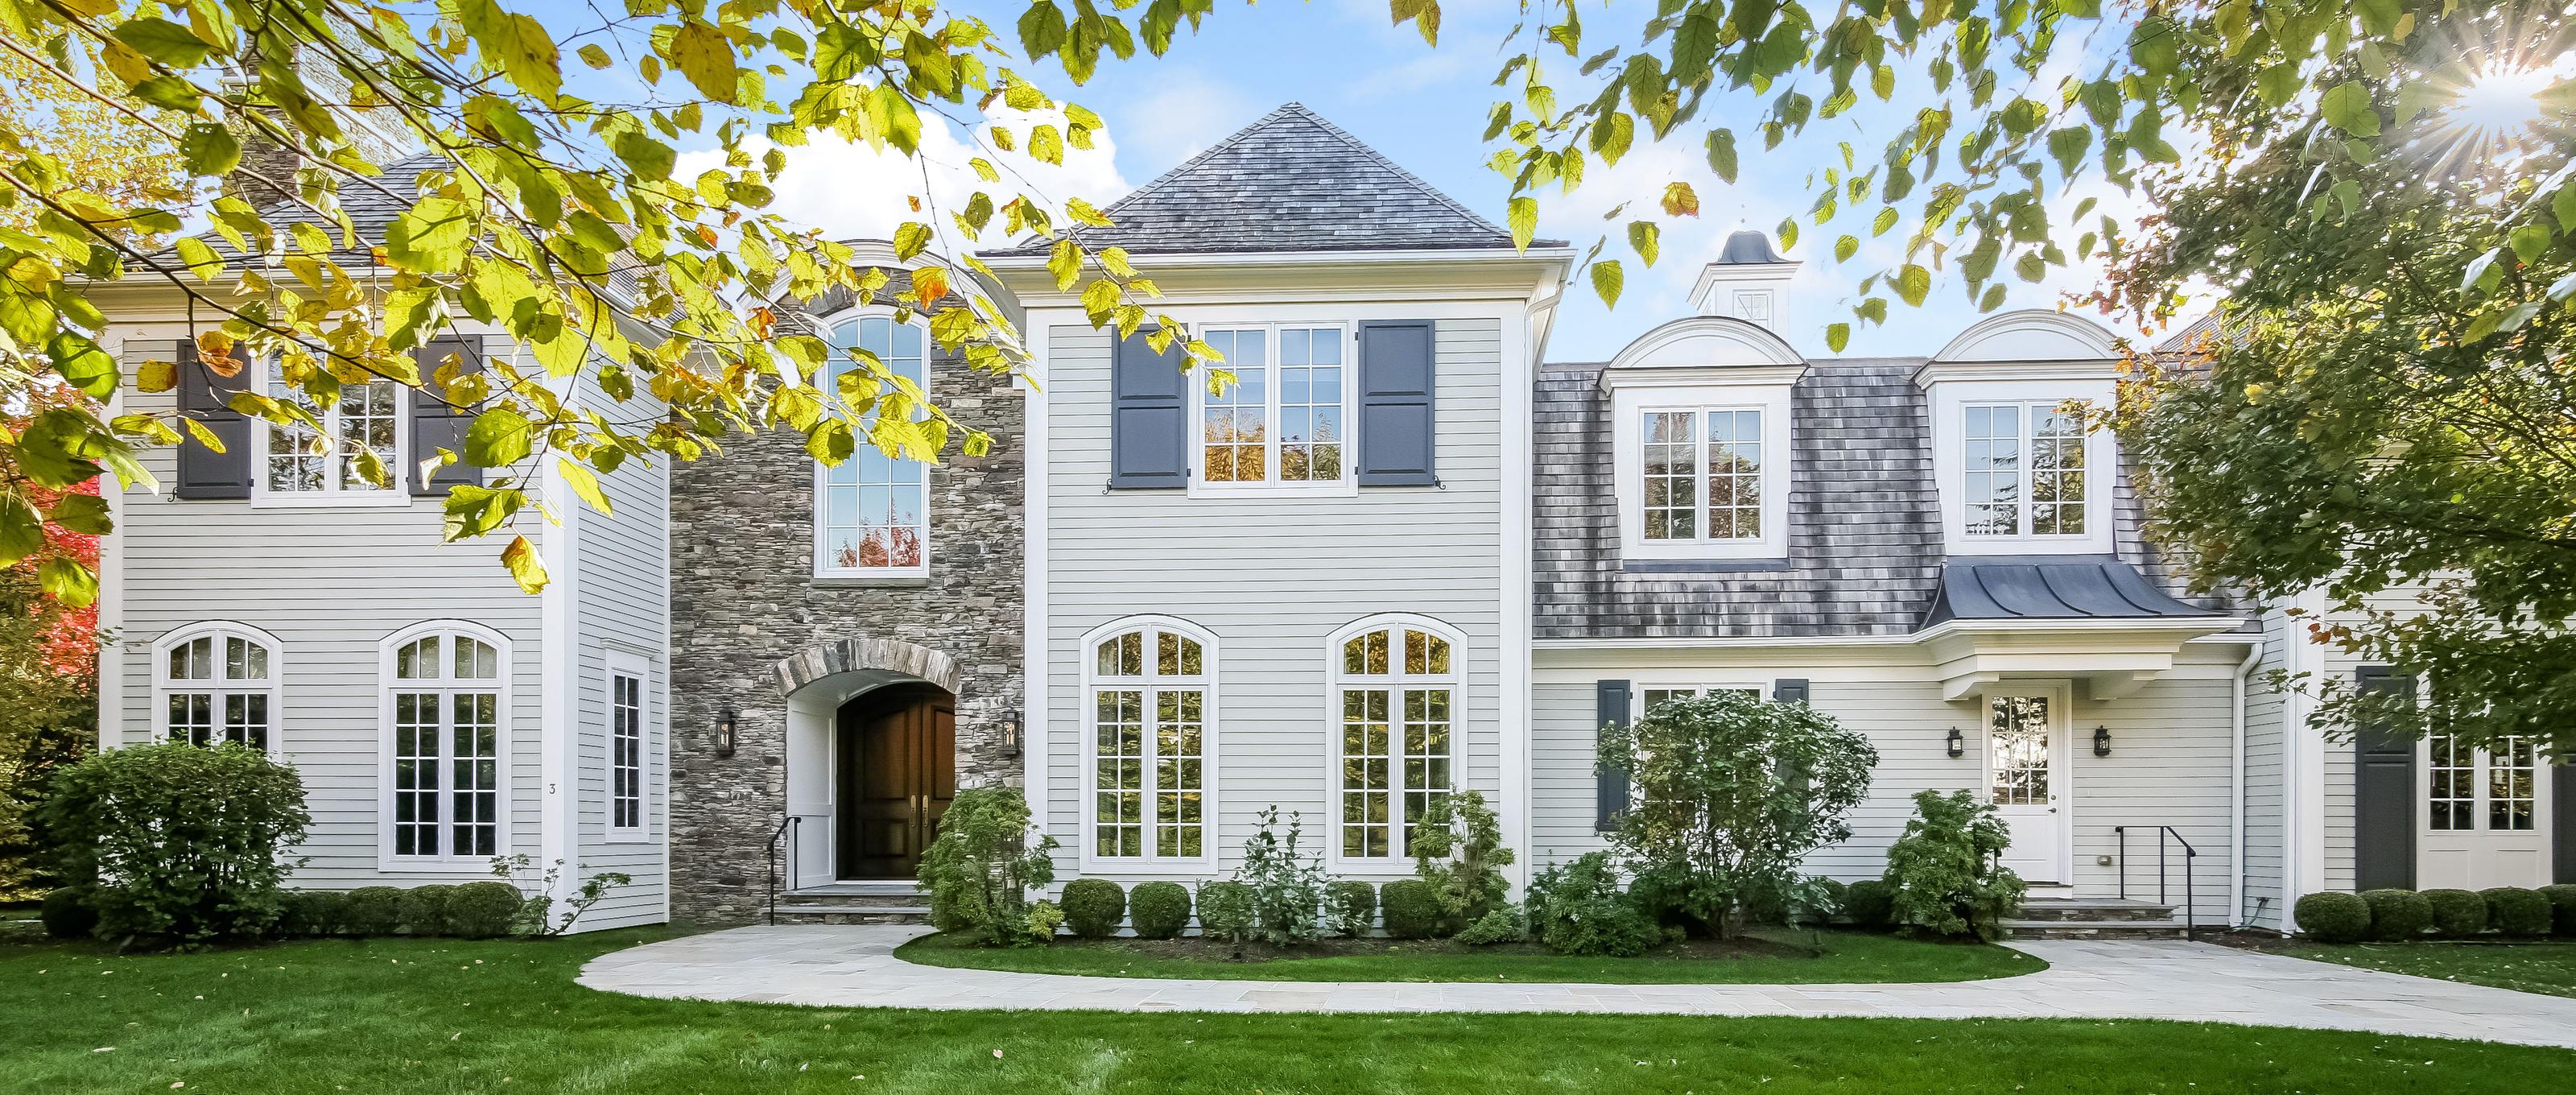 Villa per Vendita alle ore 3 Fairway Drive Purchase, New York, 10577 Stati Uniti